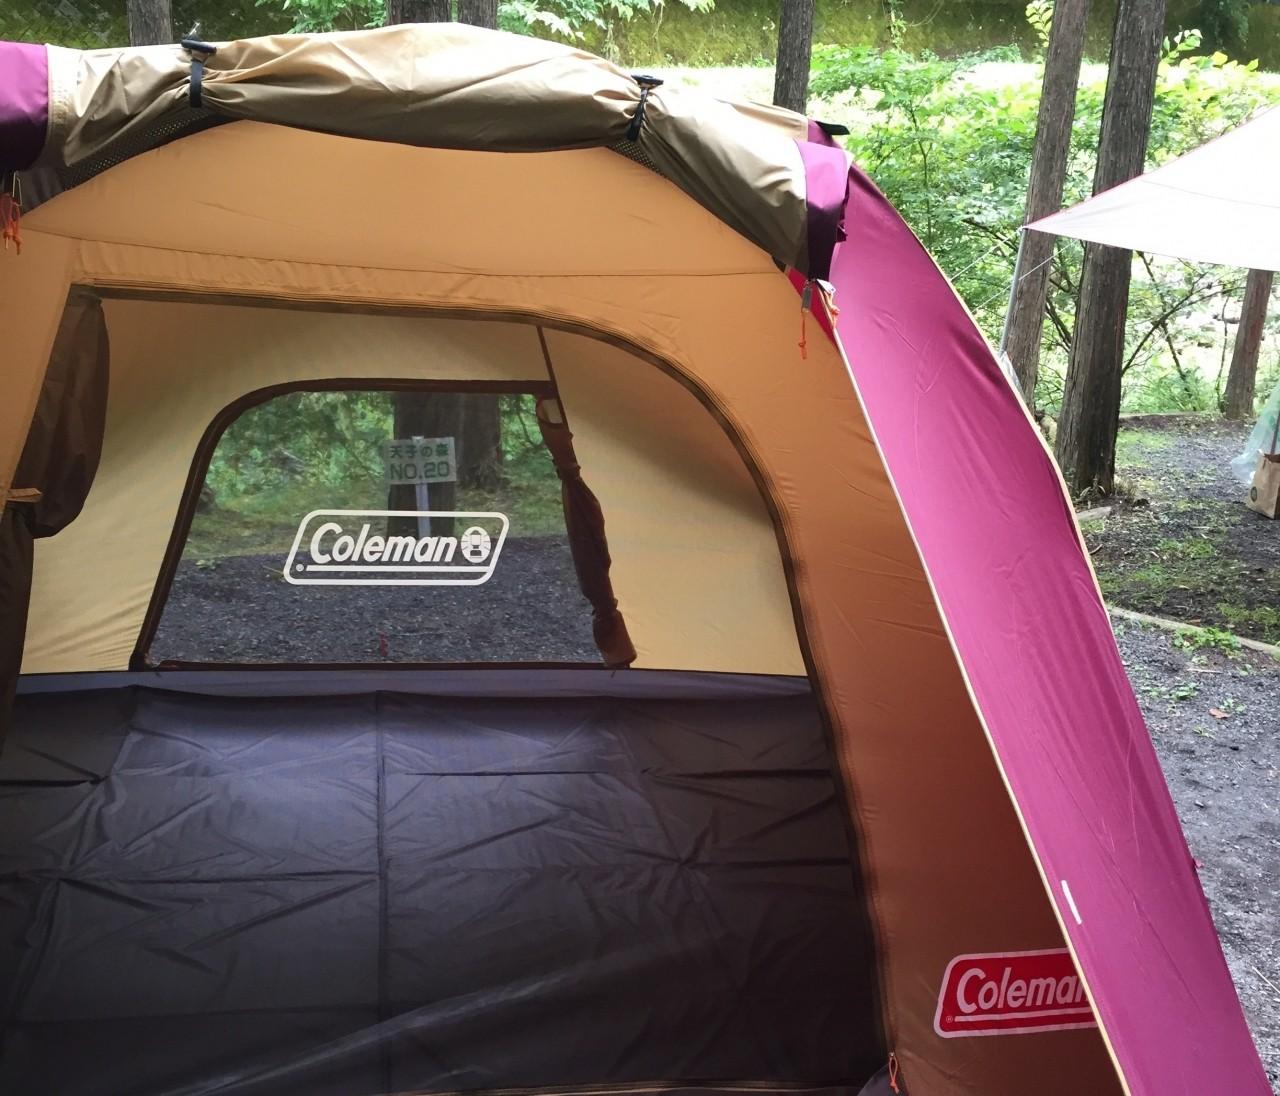 初キャンプ、まず何を買うべき?①